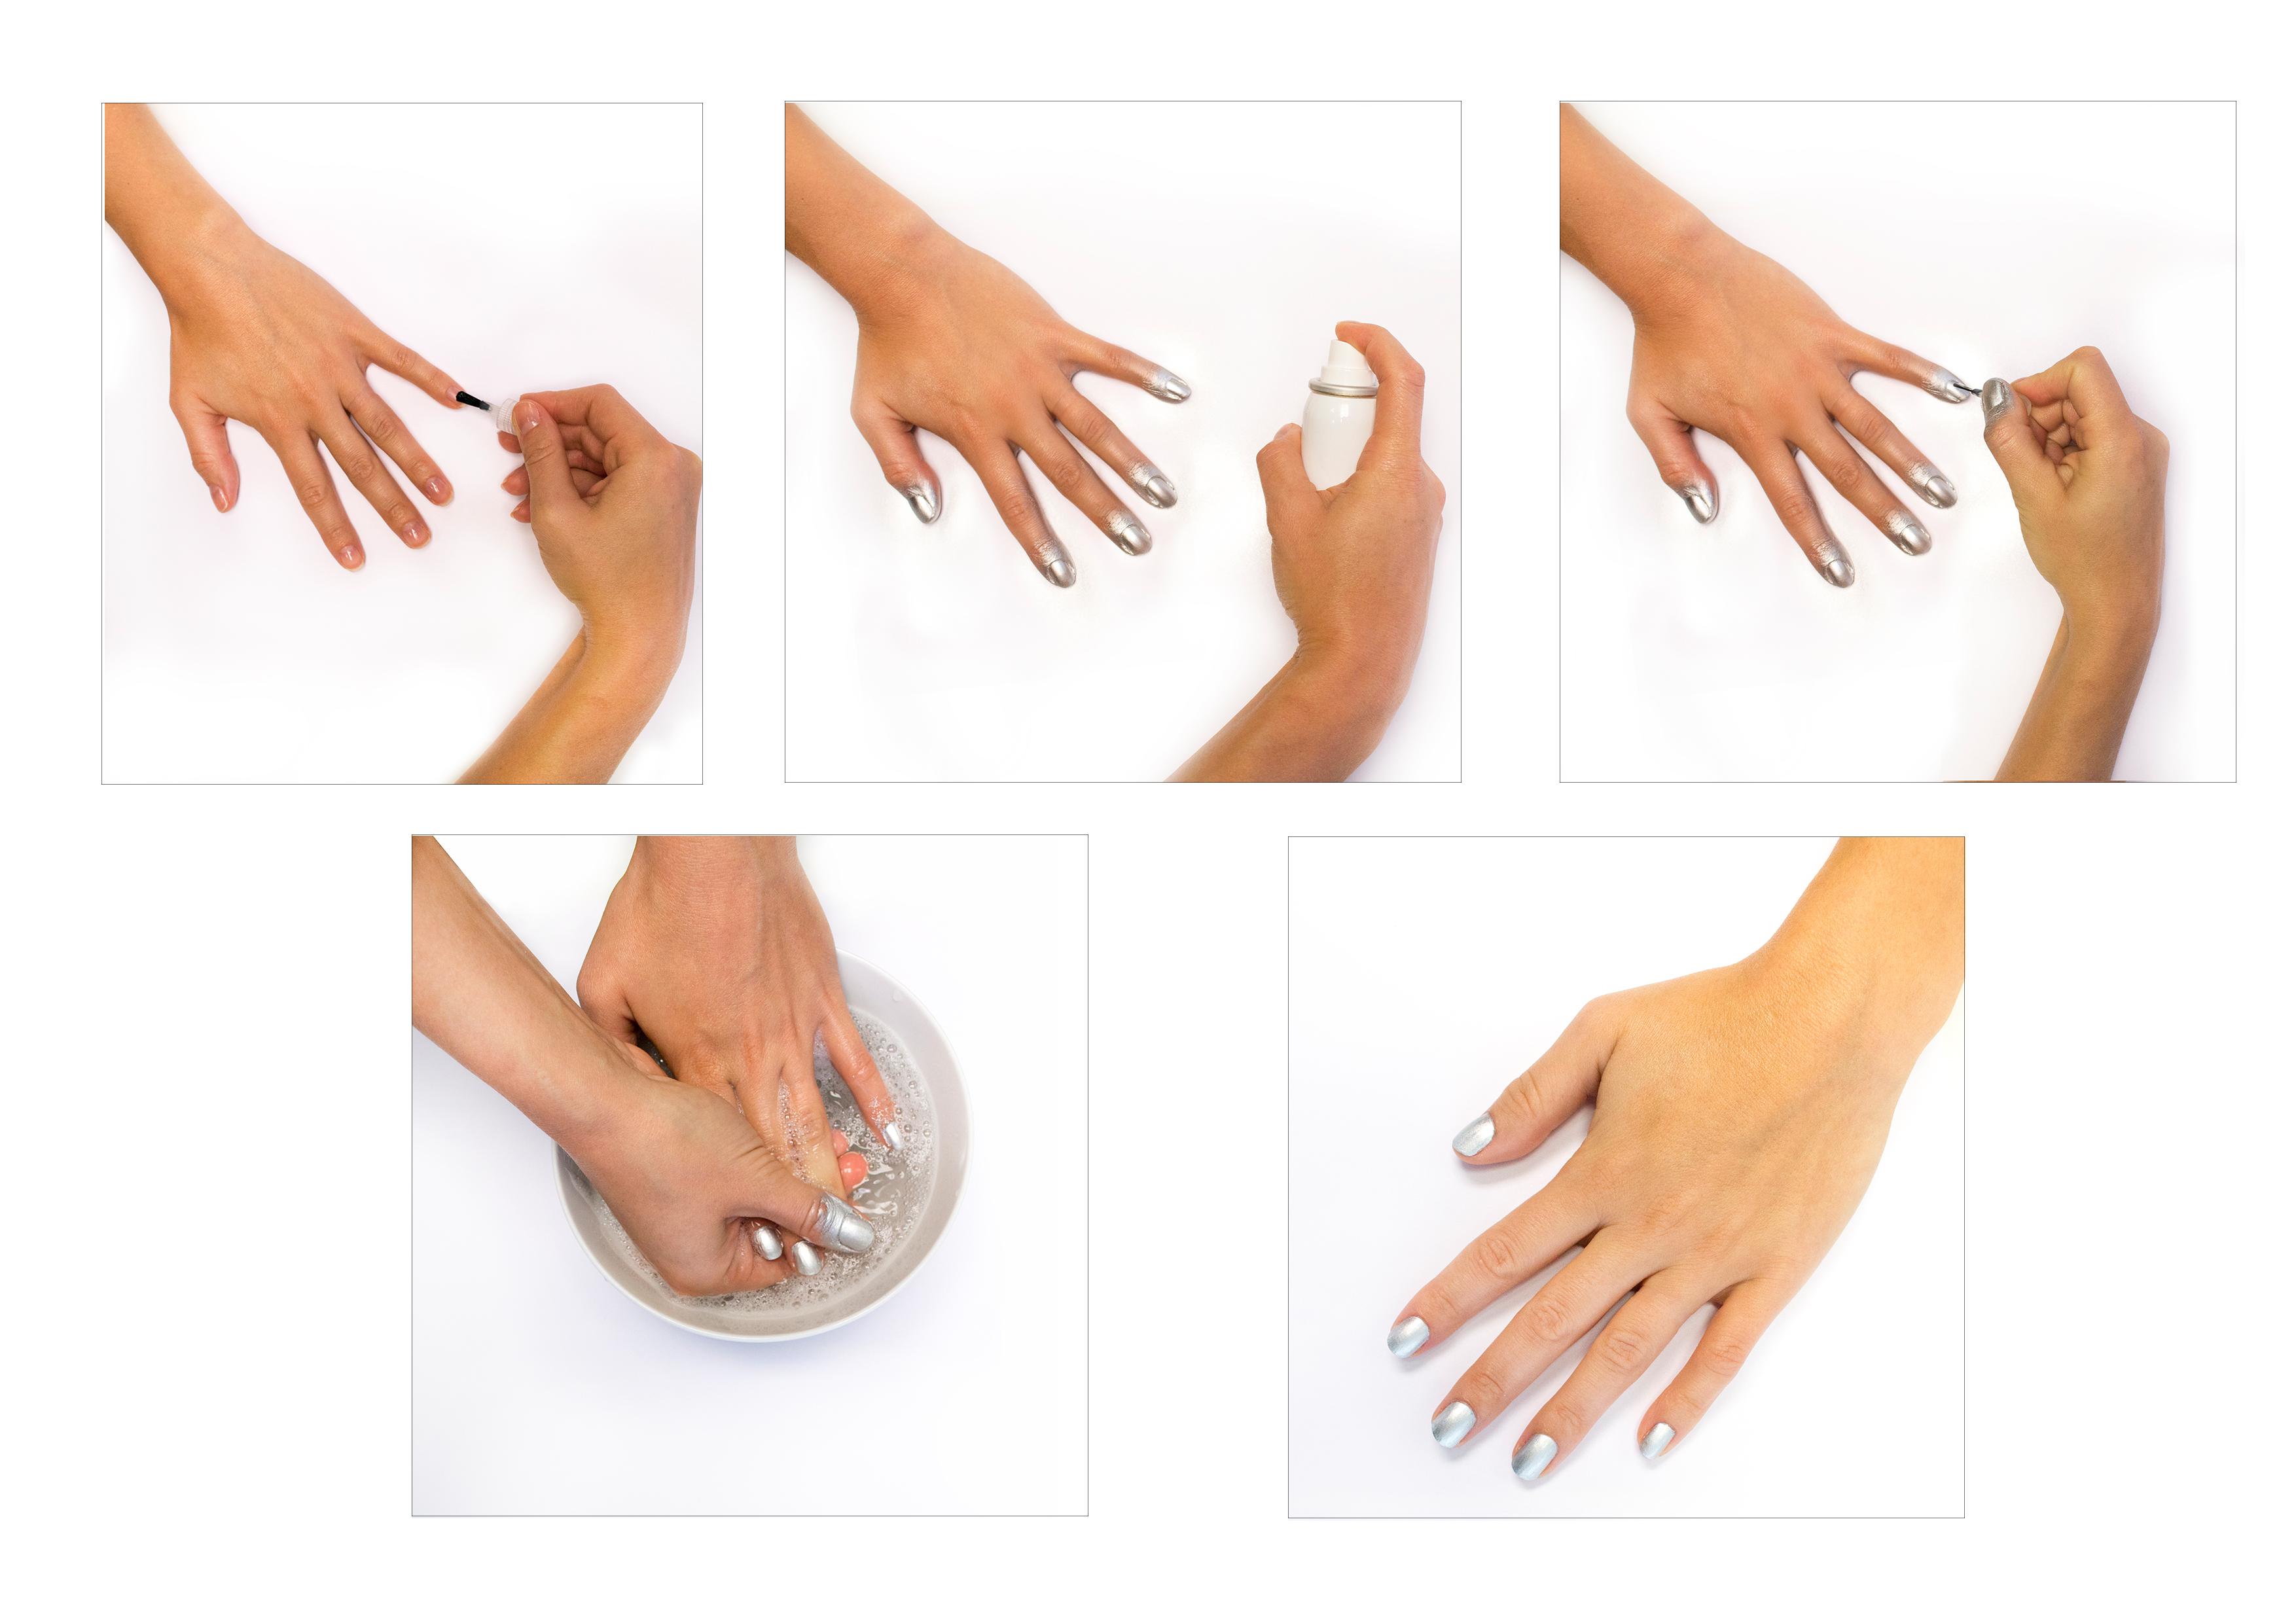 esmalte-nails-inc-spray-inovacao-beleza-unhas-lancamento-novidade-alexa-chung